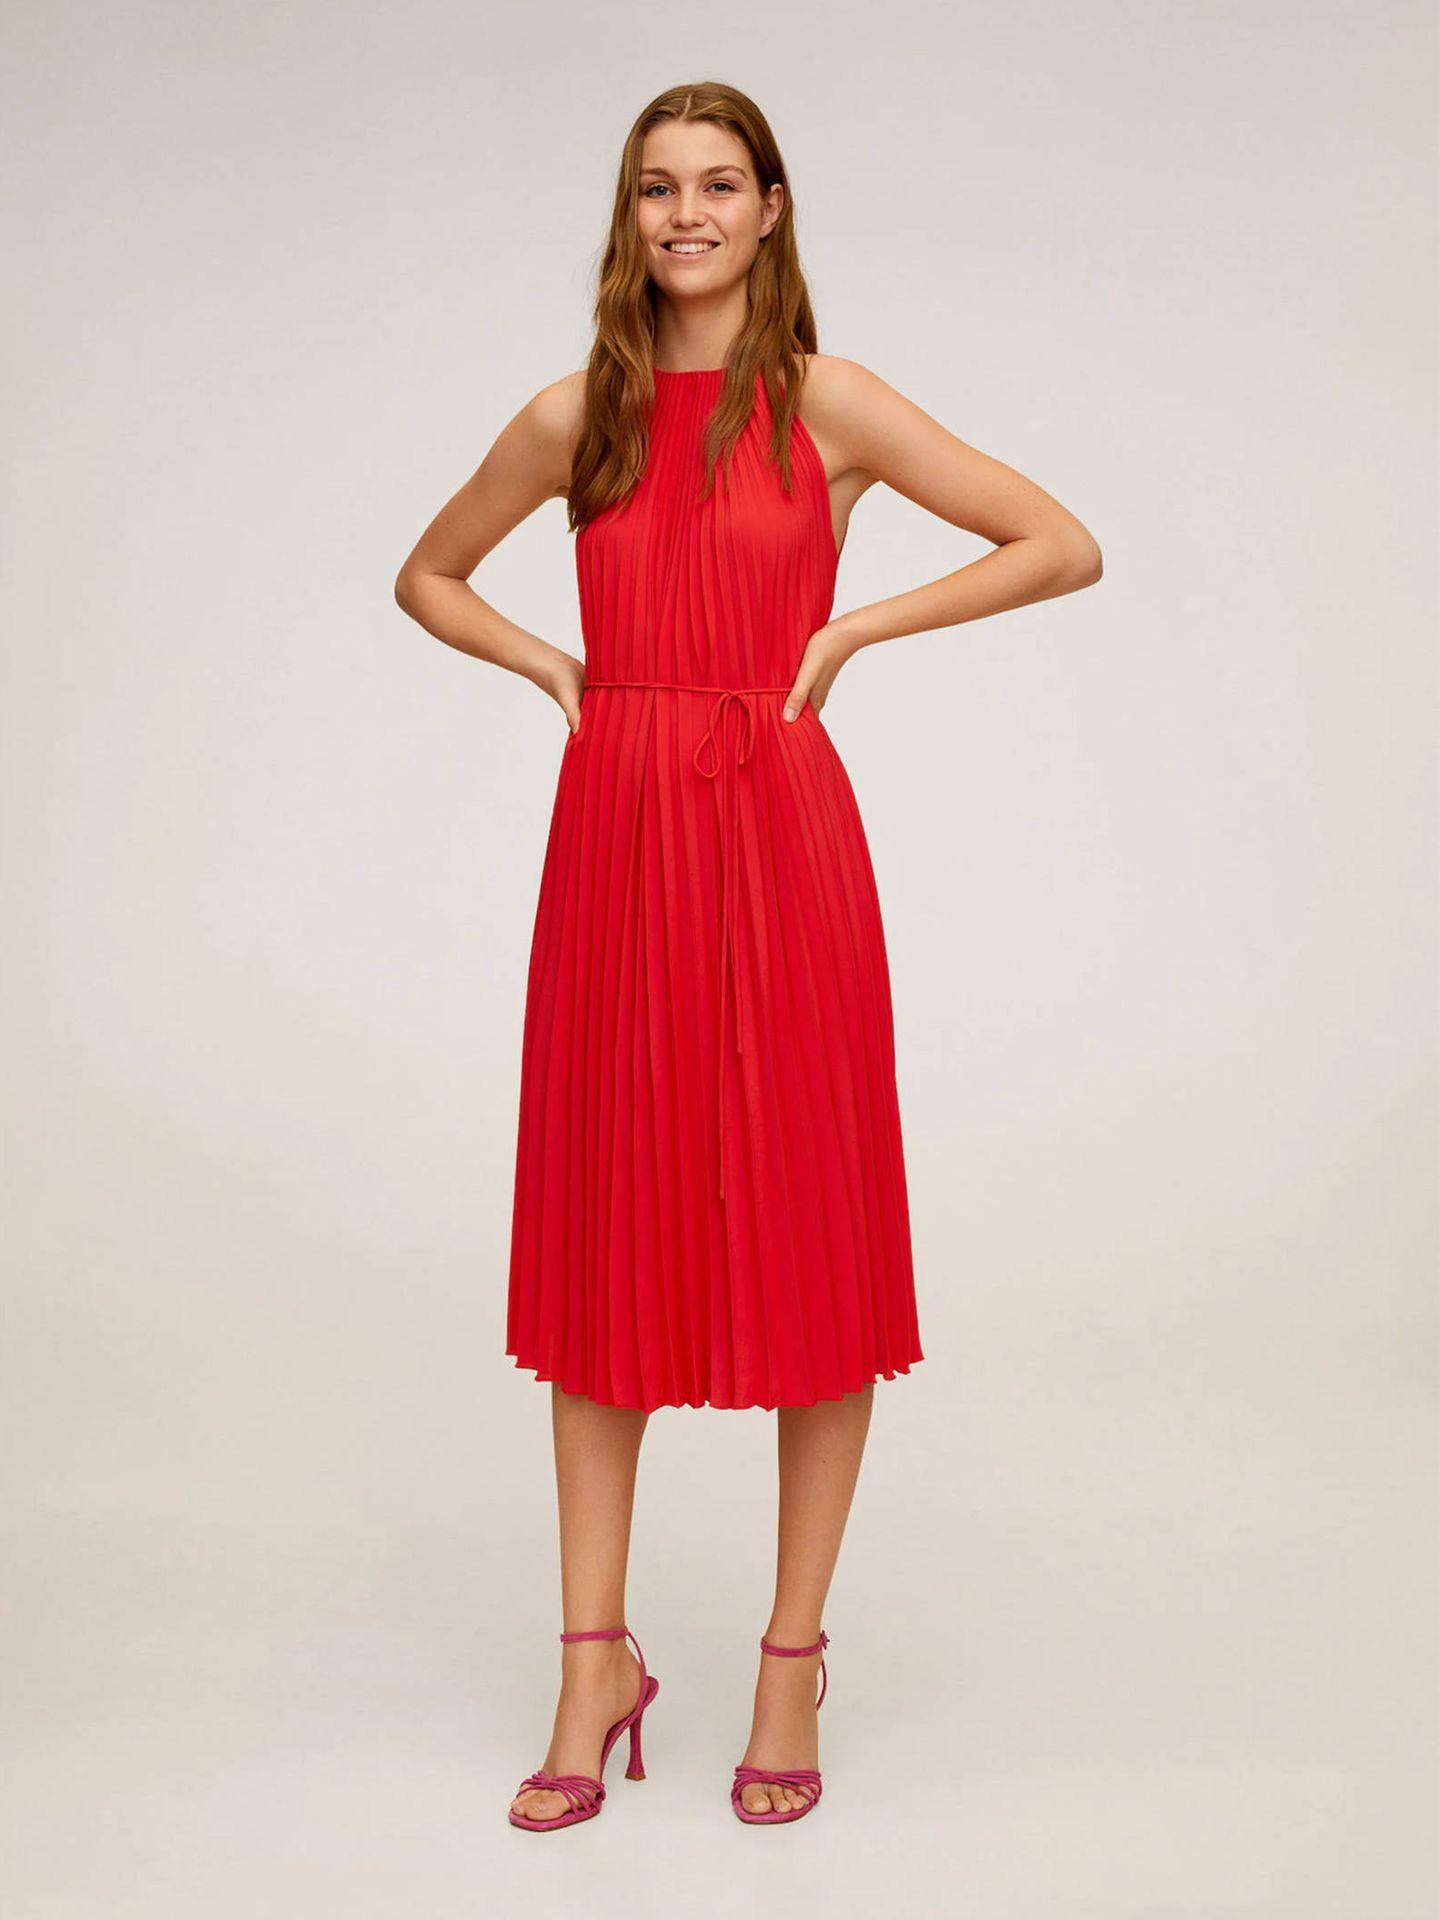 Vestido rojo de Mango Outlet. (Cortesía)